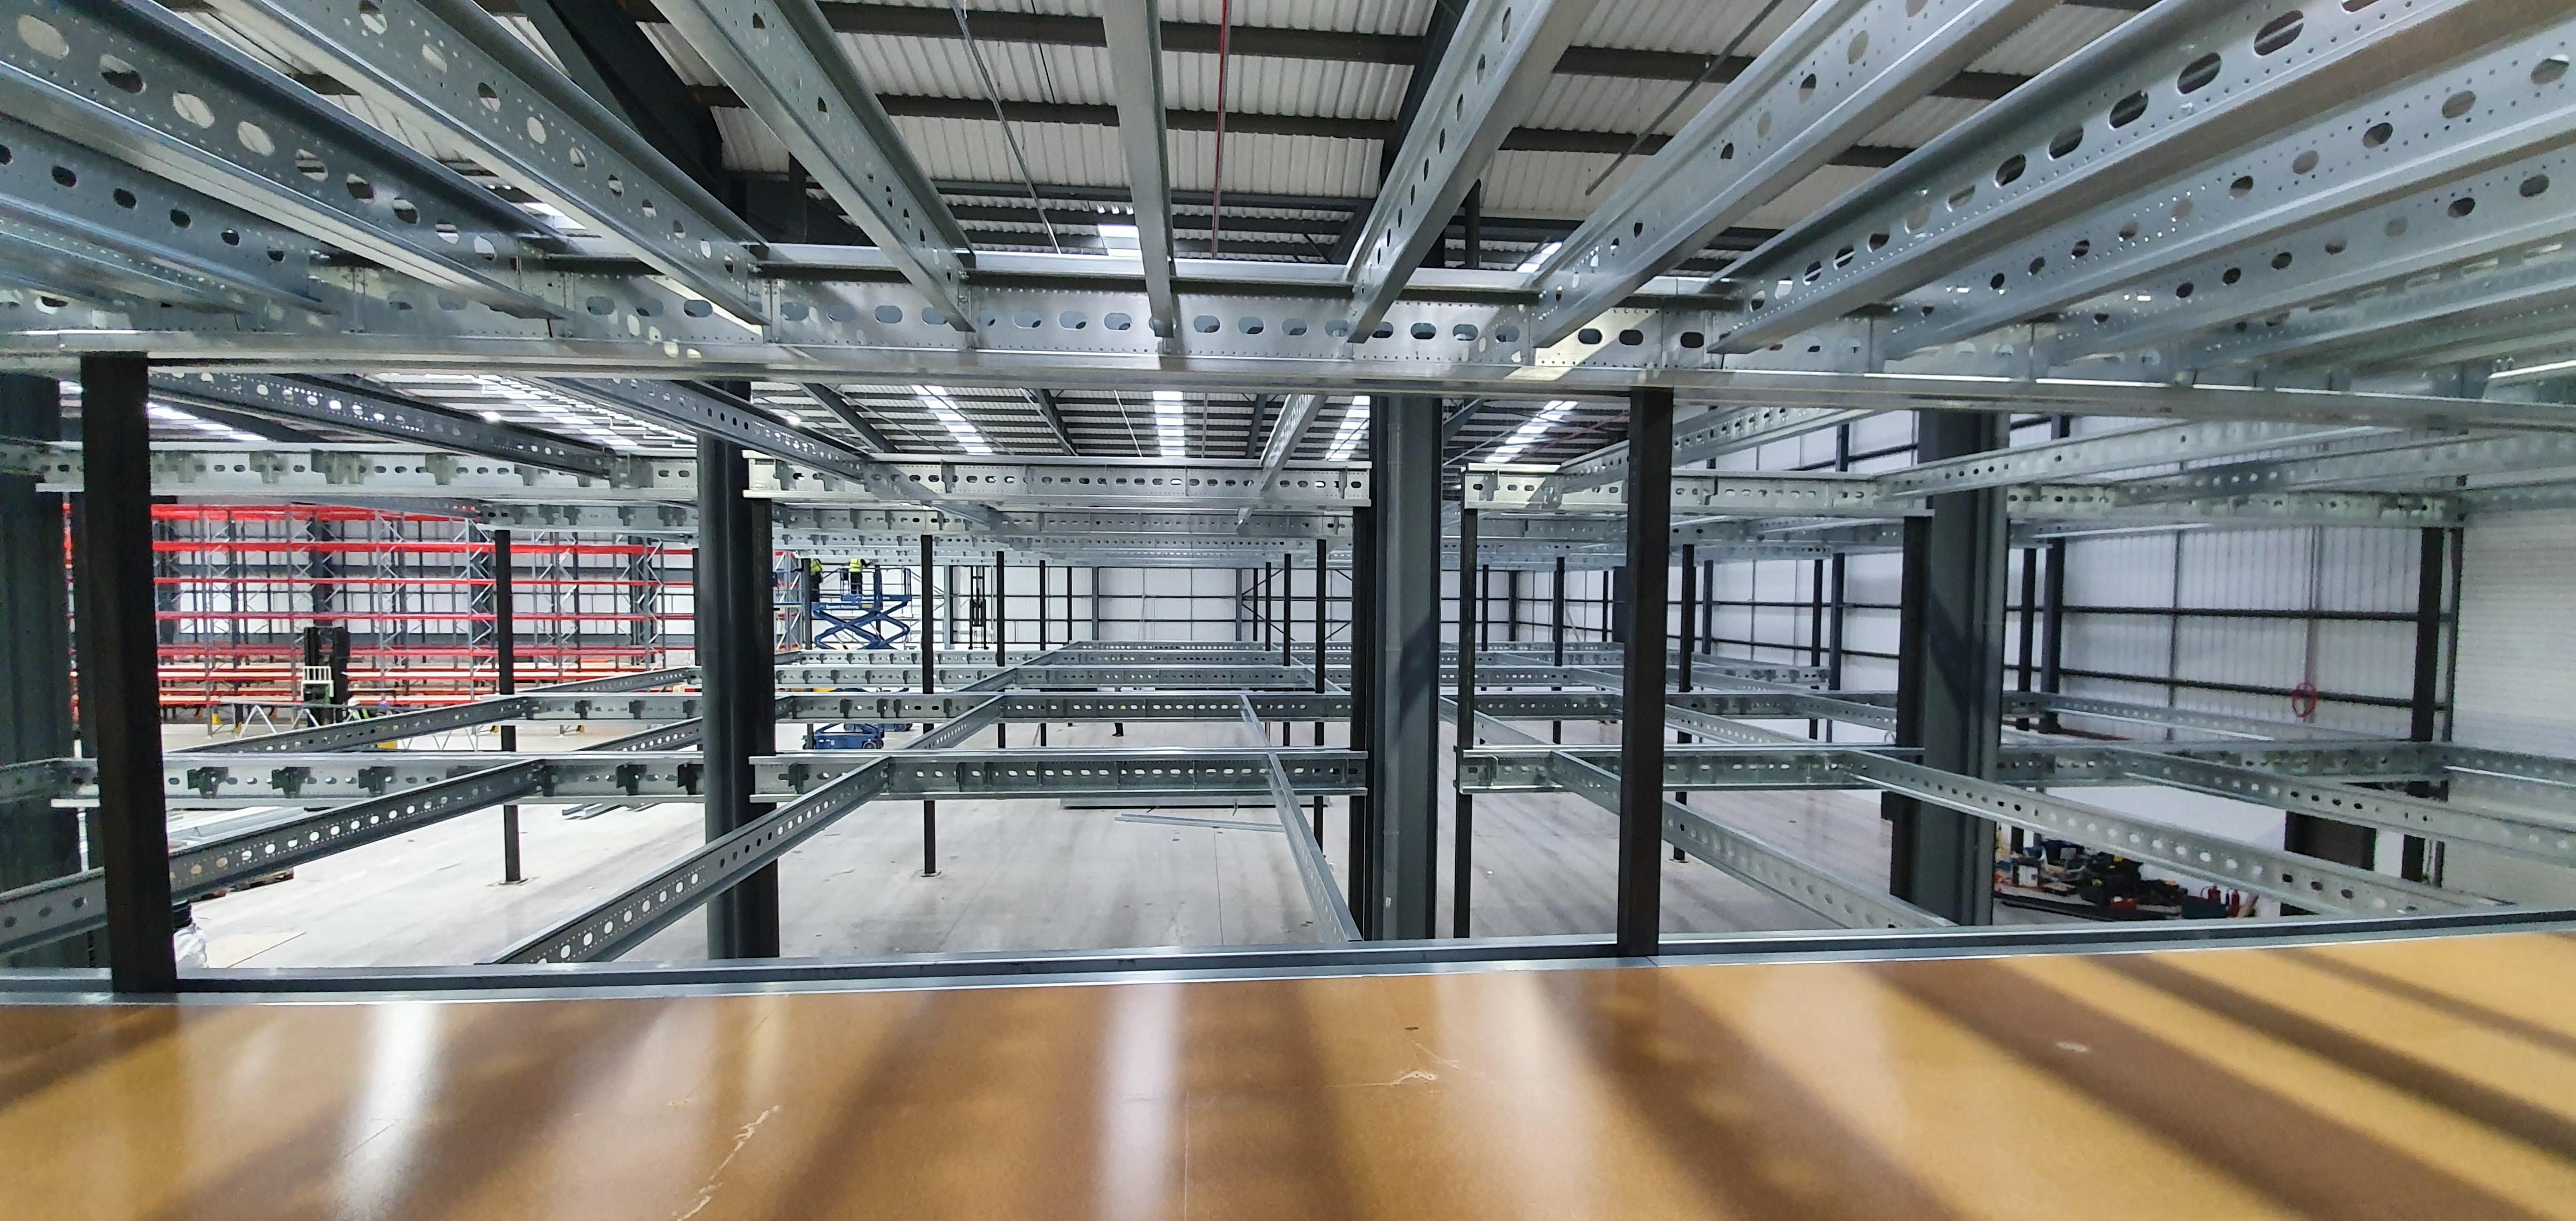 Mezzanine company | John Scott Works